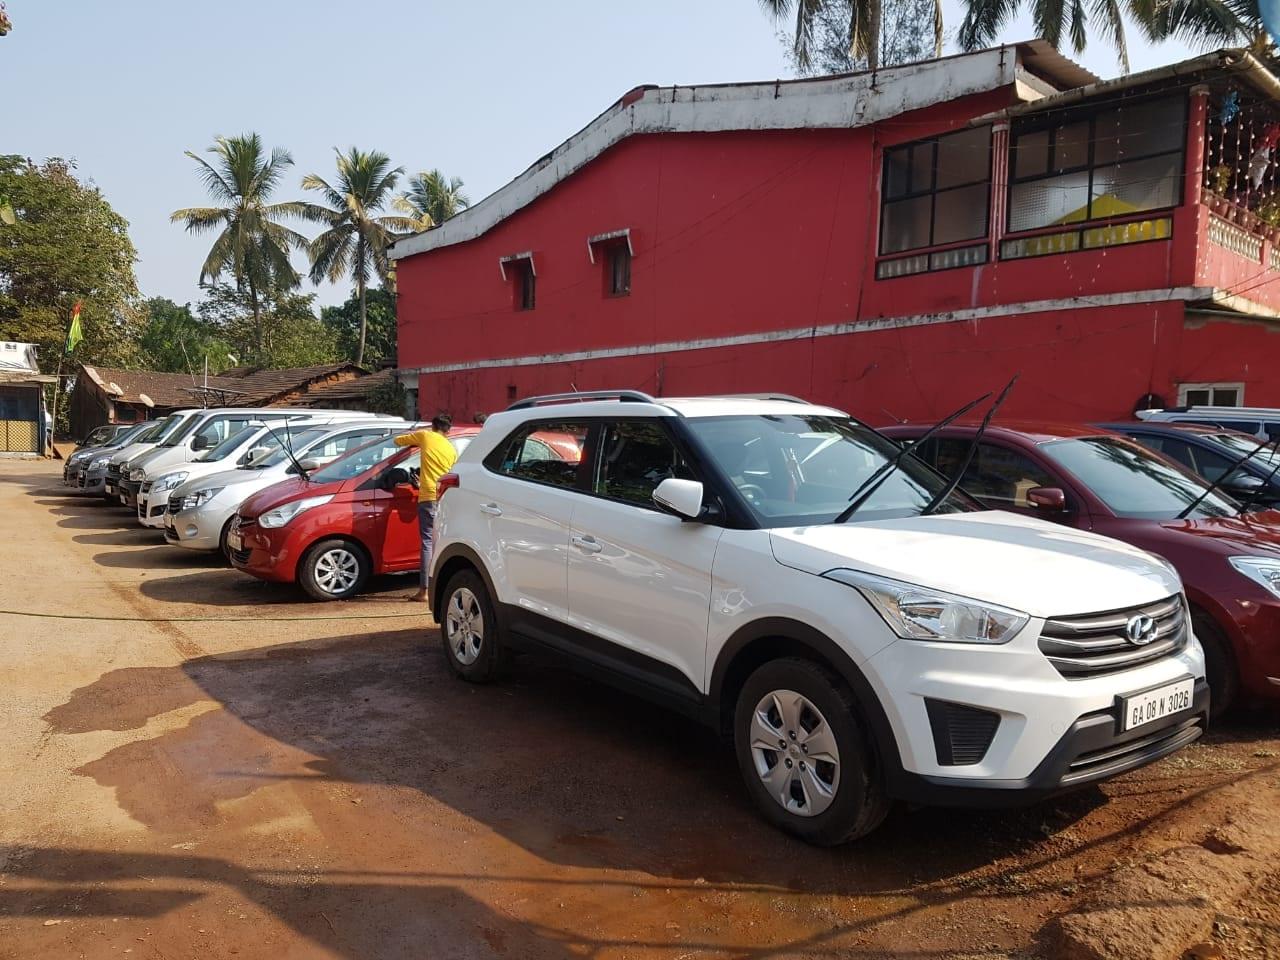 Top Maruti Suzuki Swift Dzire Second Hand Car Dealers in Goa - Best